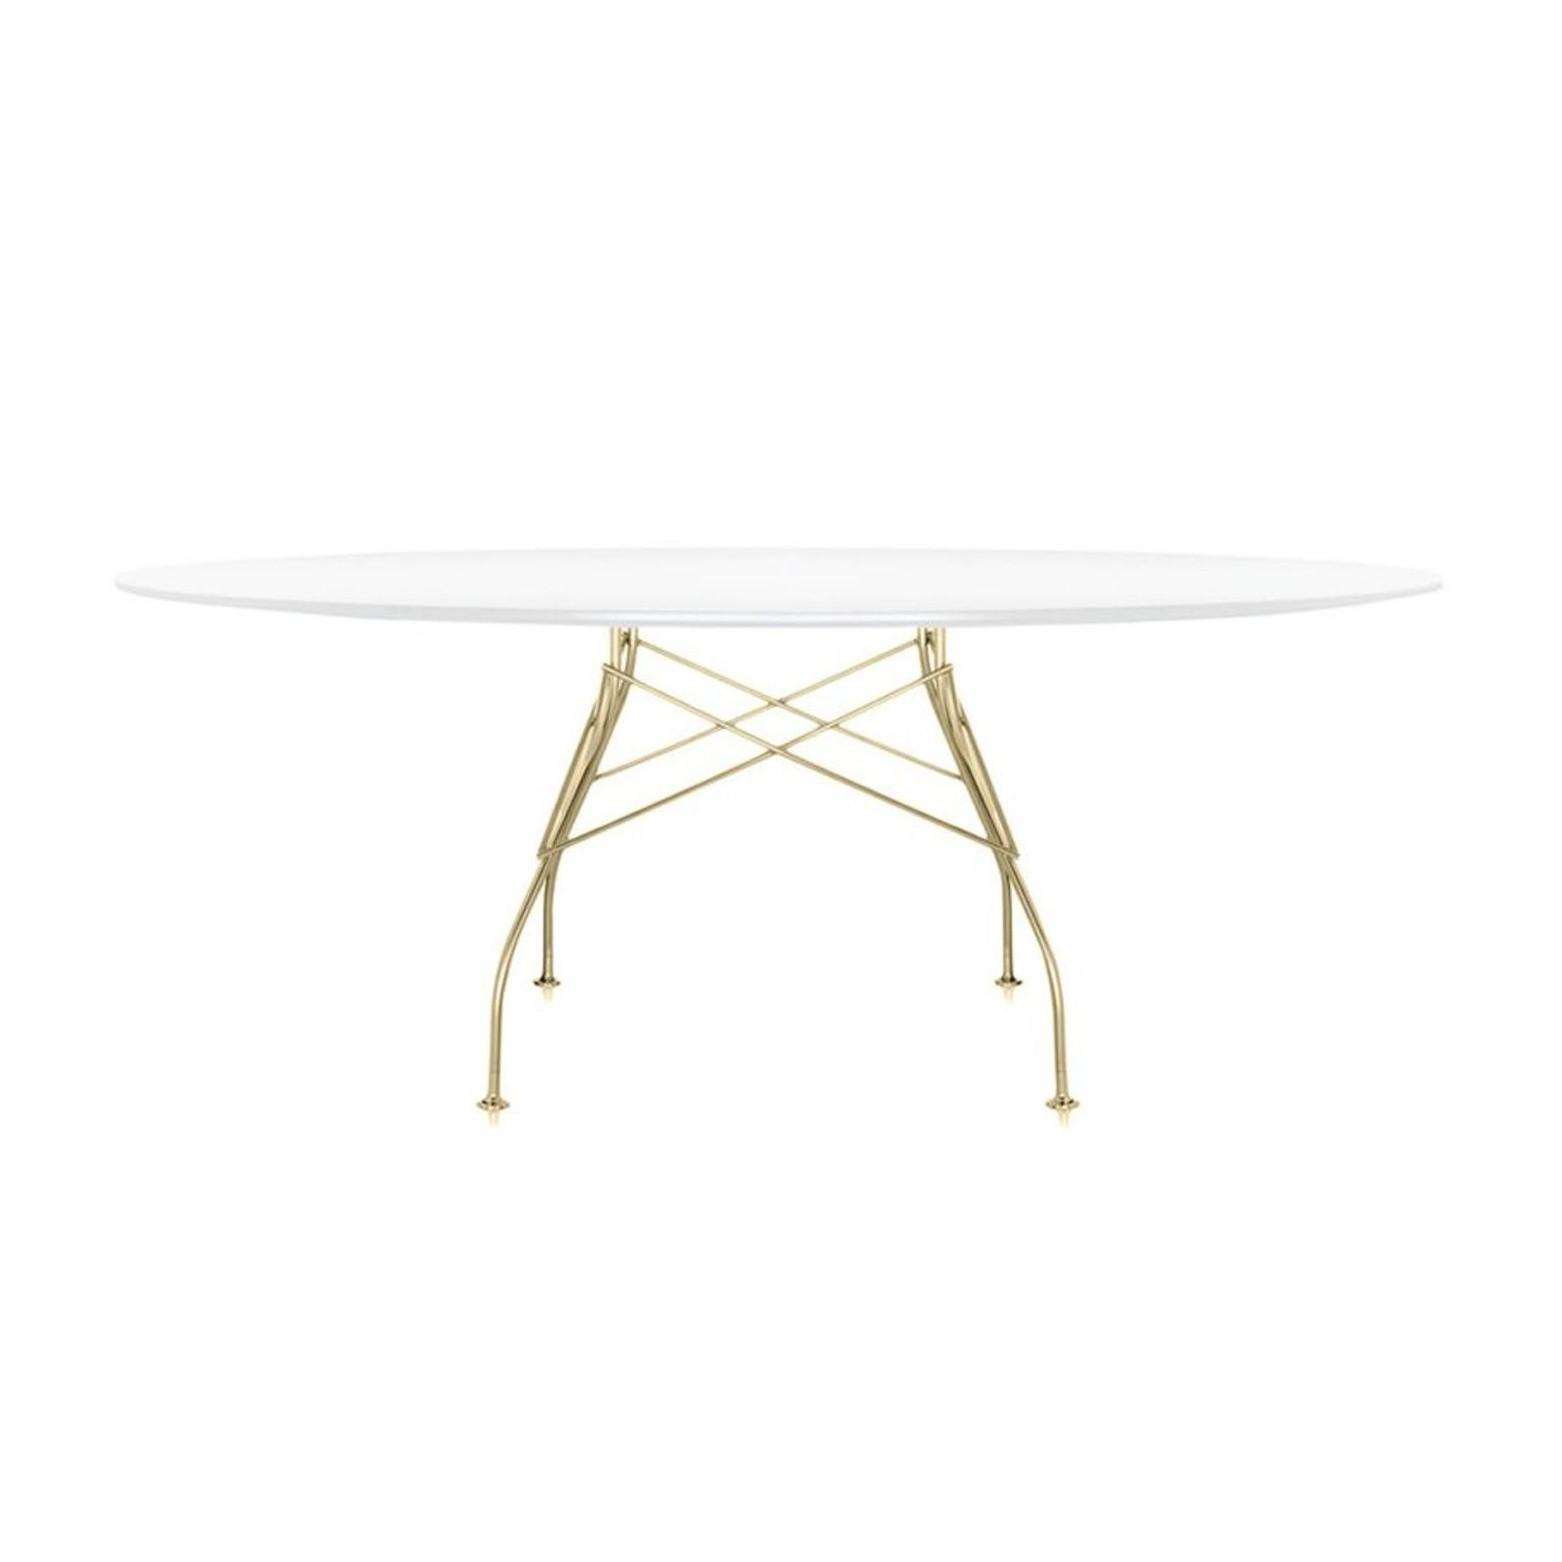 Full Size of Kartell Glossy Tisch Oval Gestell Gold Ambientedirect Bad Regal Weiß Bett Schwarz Esstisch Eiche Massiv Weiss Esstische Rund Musterring Weißes Kleiner Esstische Esstisch Weiß Oval